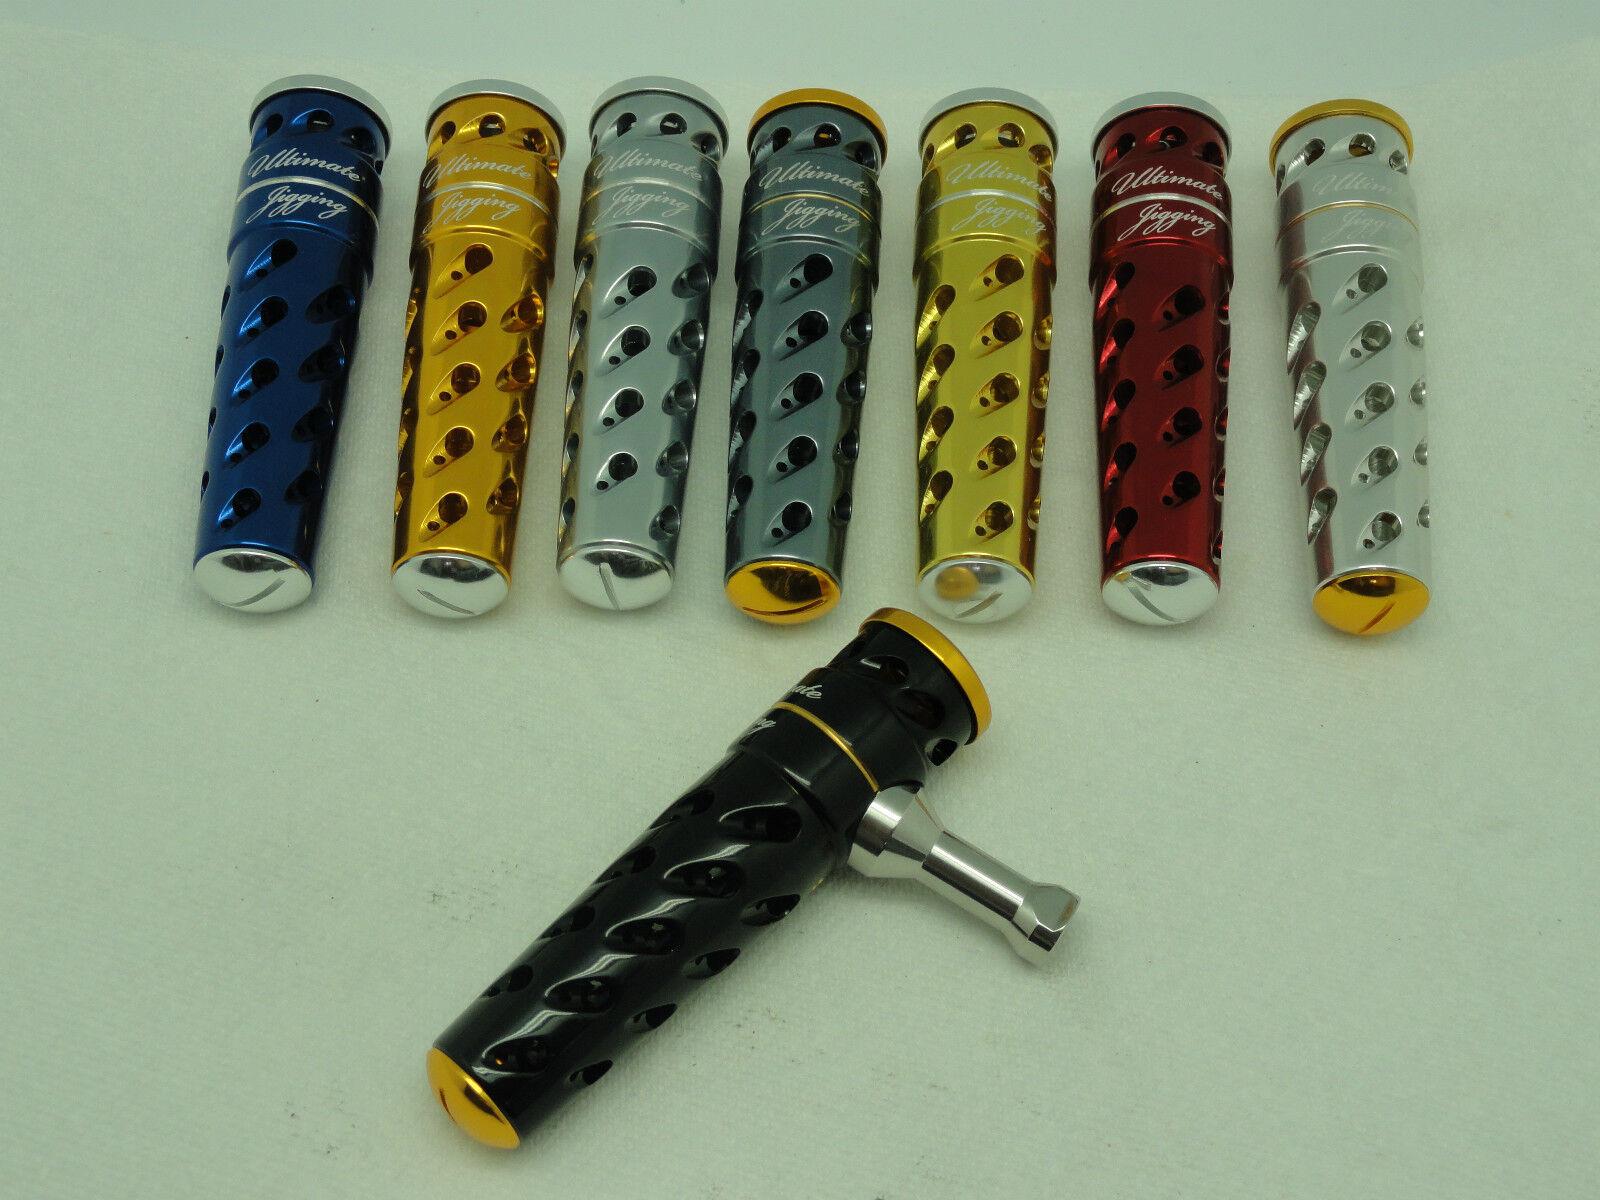 UJ T-BAR T092D knob for DAIWA Saltiga DOG FIGHT Saltist 45008000 REEL BK GD